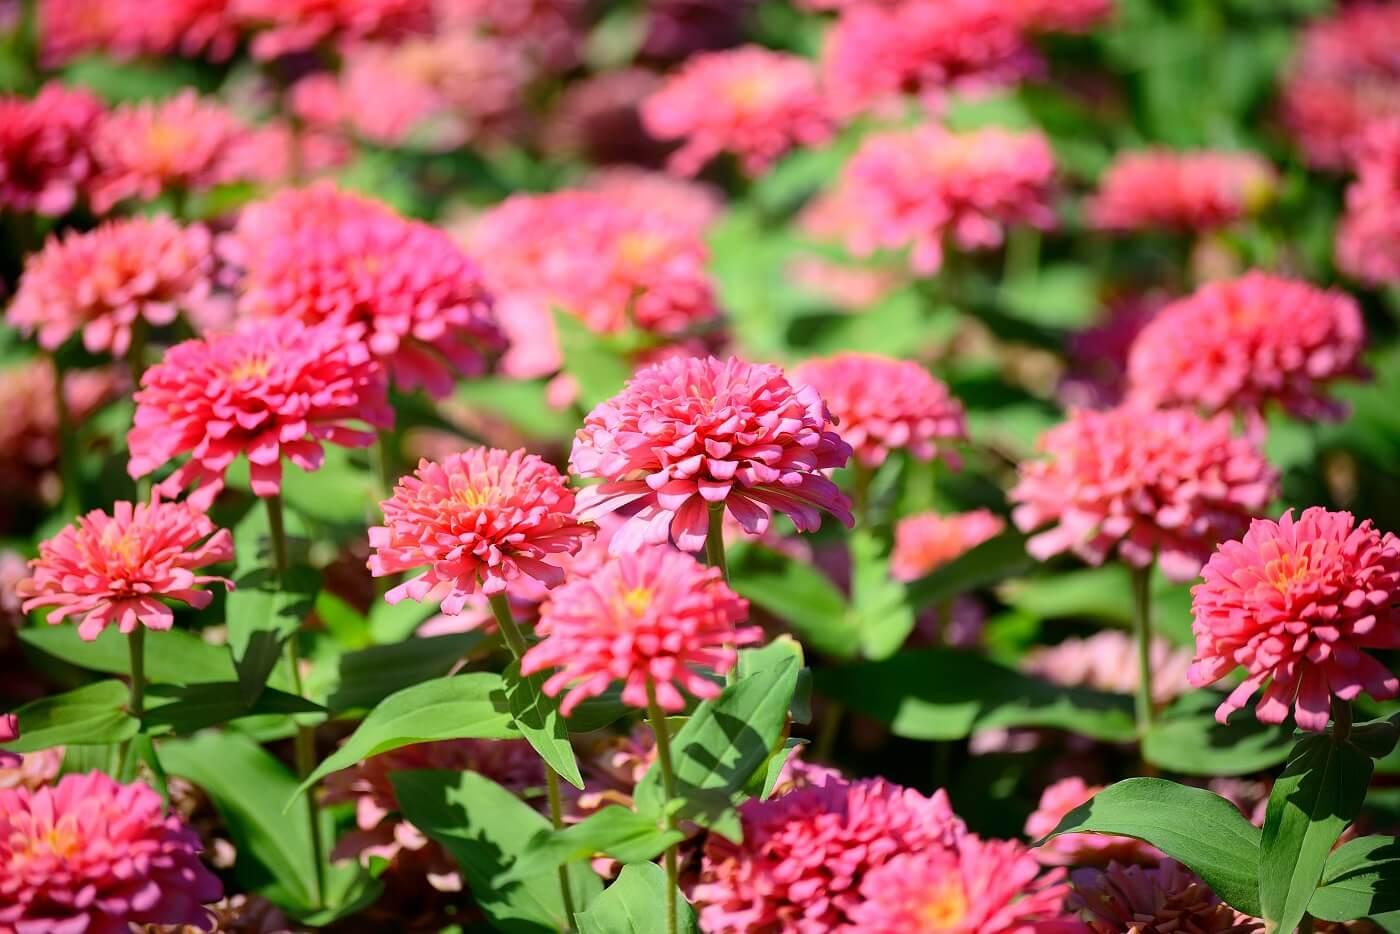 Grow Your Own Cut Flower Garden